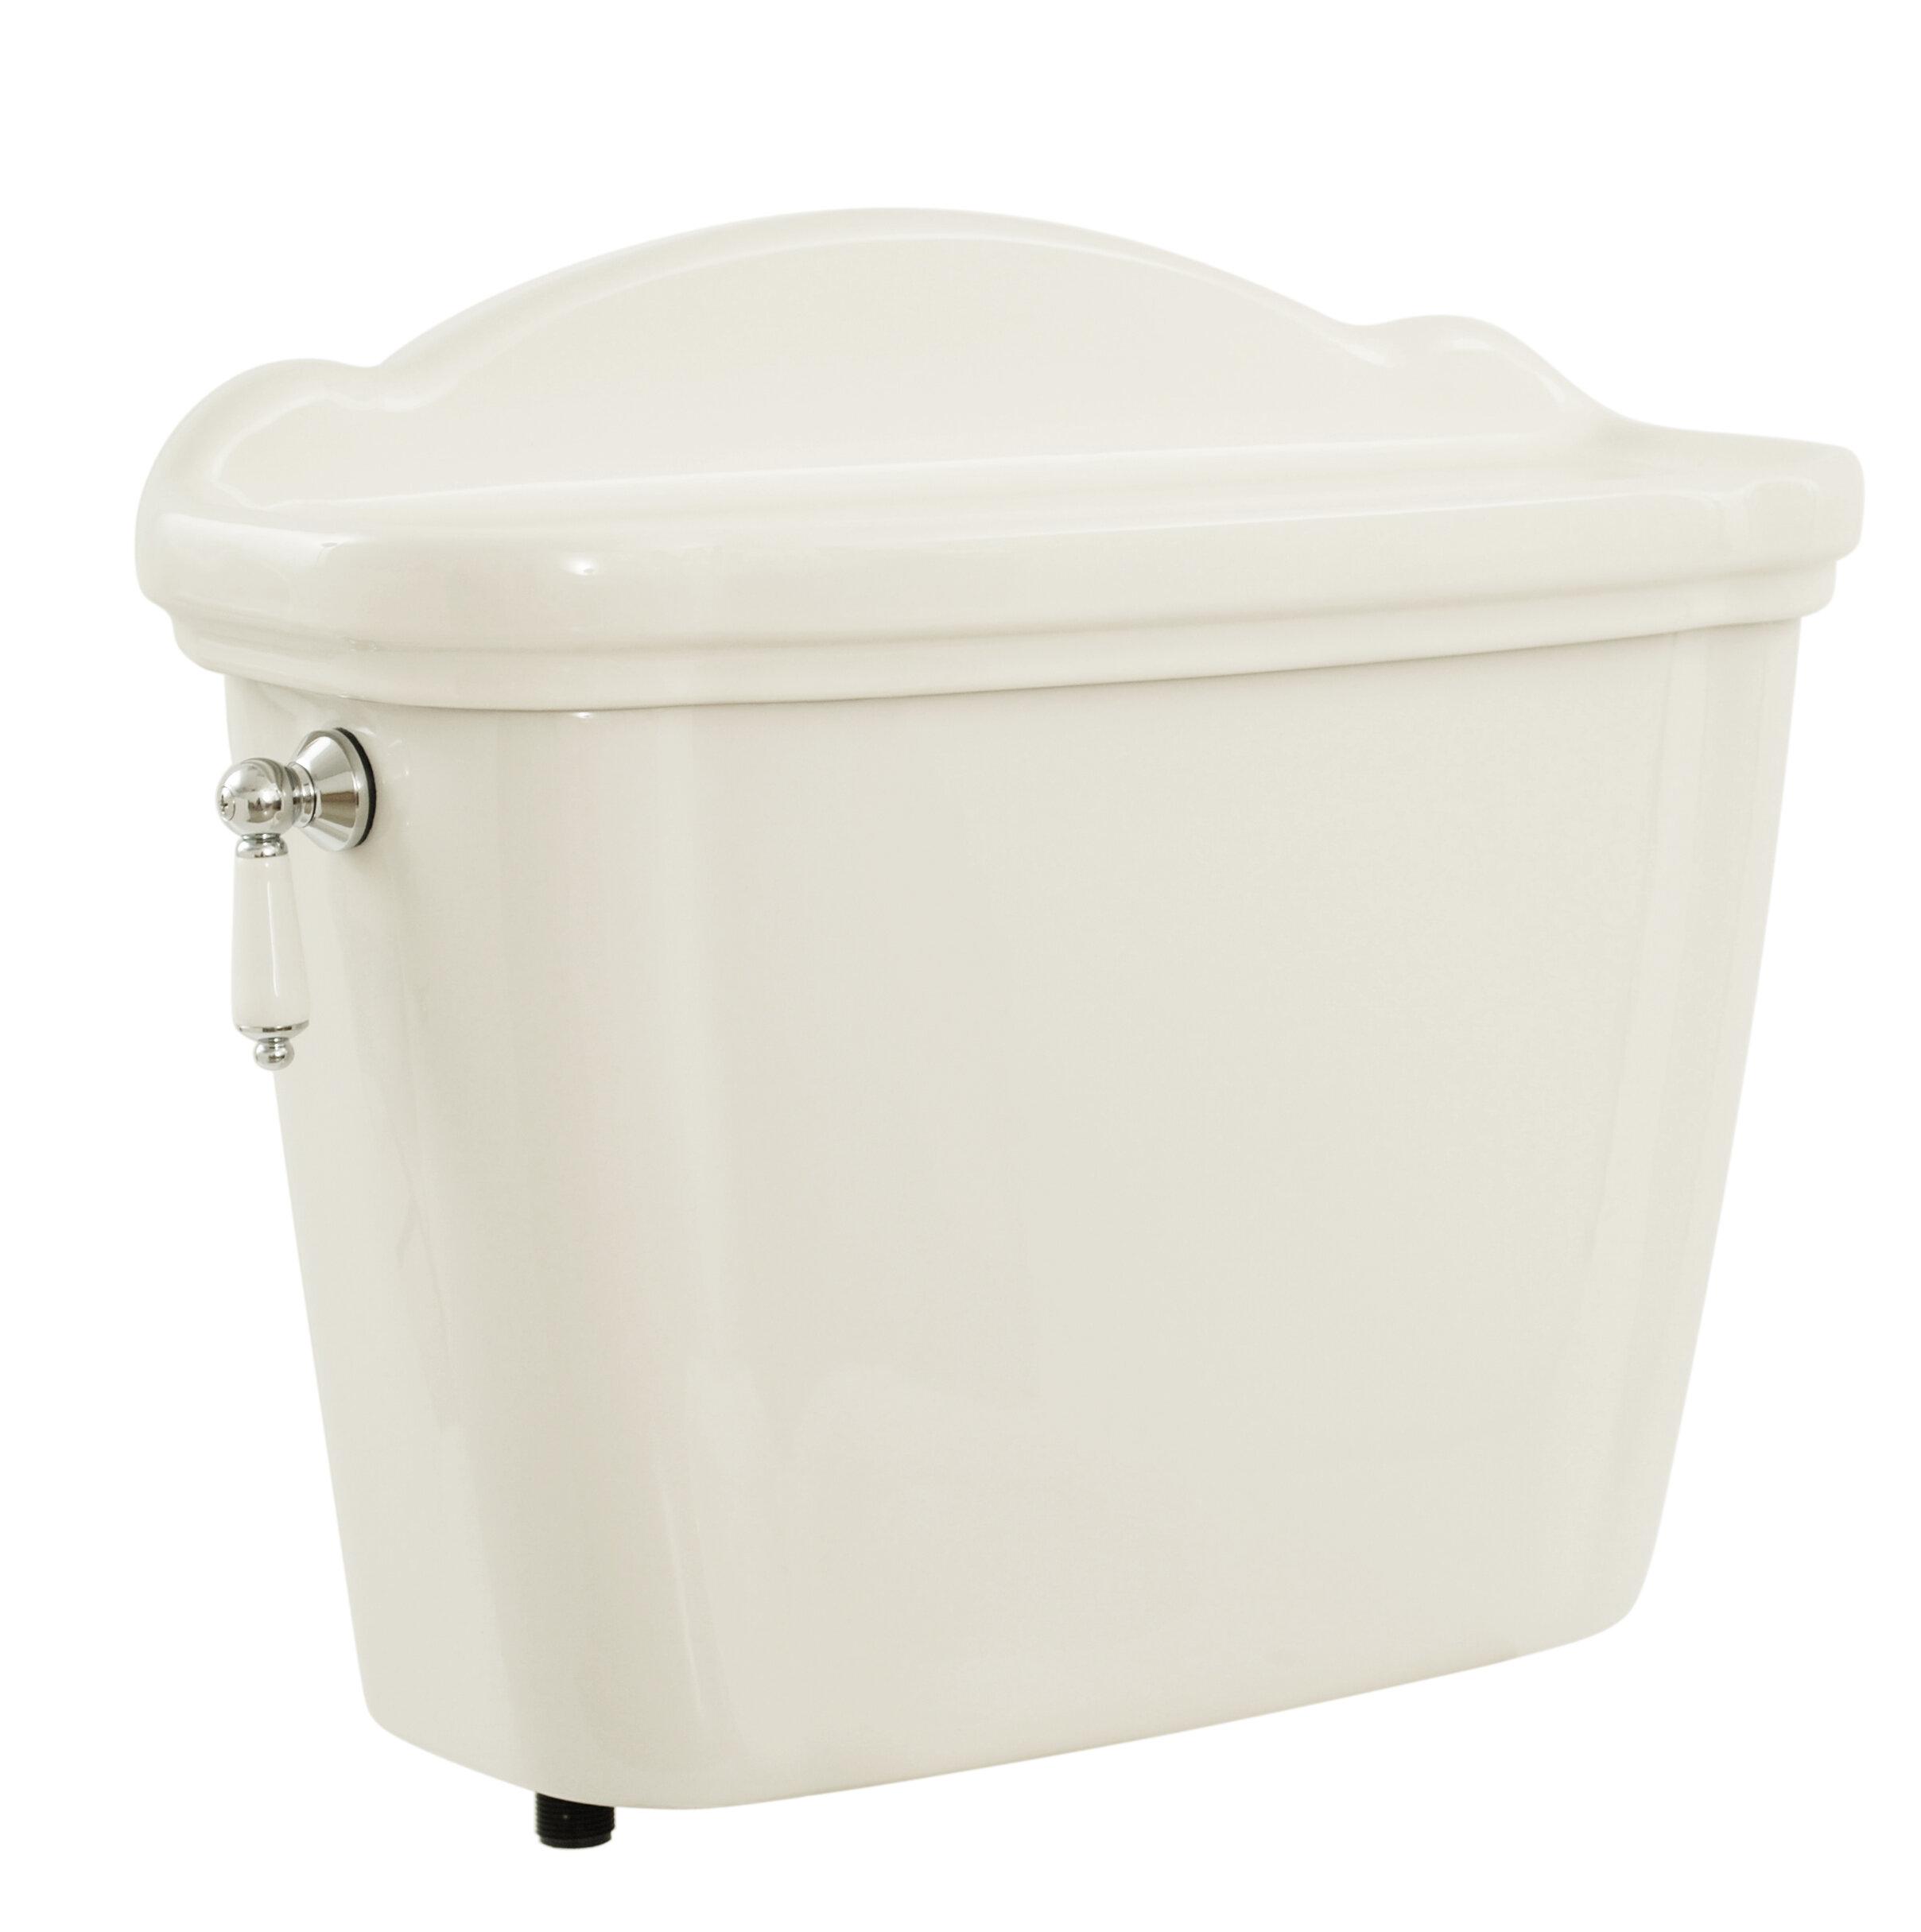 Toto Whitney 1.6 GPF Toilet Tank | Wayfair